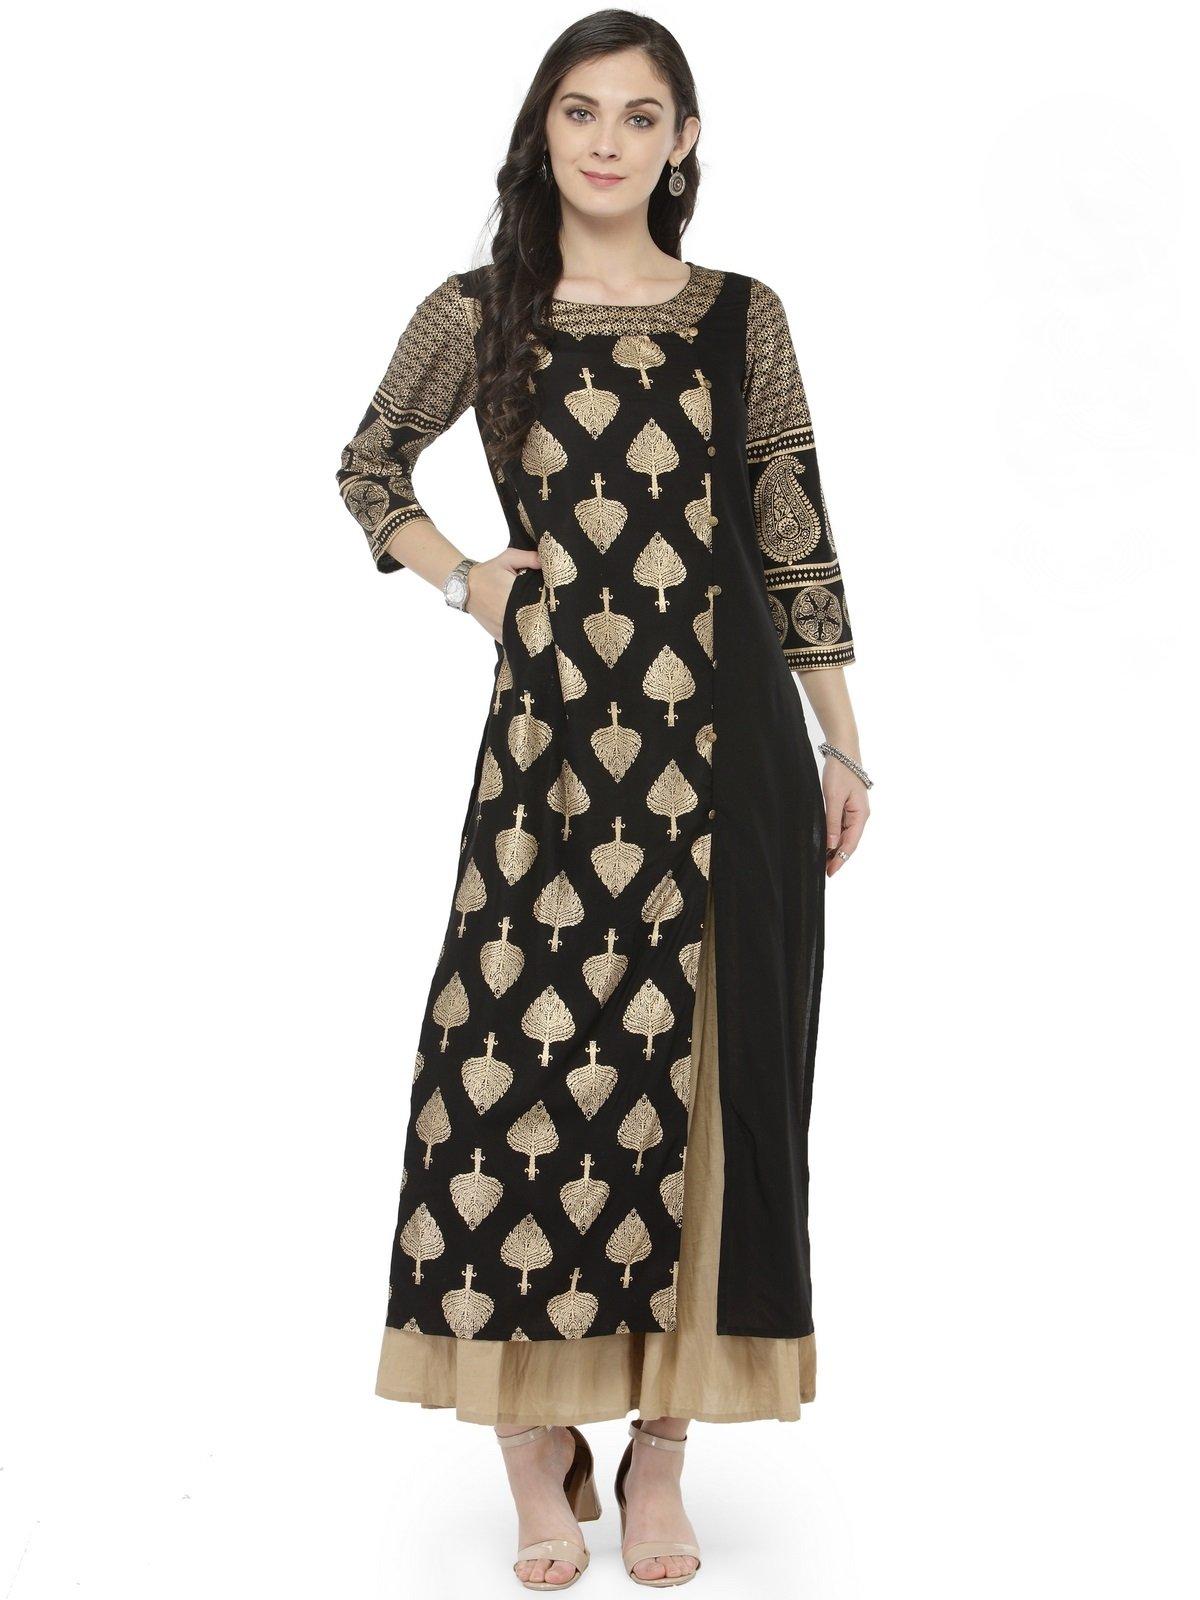 1674d1c3e1 Manas Crafts Designer Kurta Kurti Indian Women Bollywood Tunic Ethnic  Pakistani Top Crepe Kurtis Dress Tunics